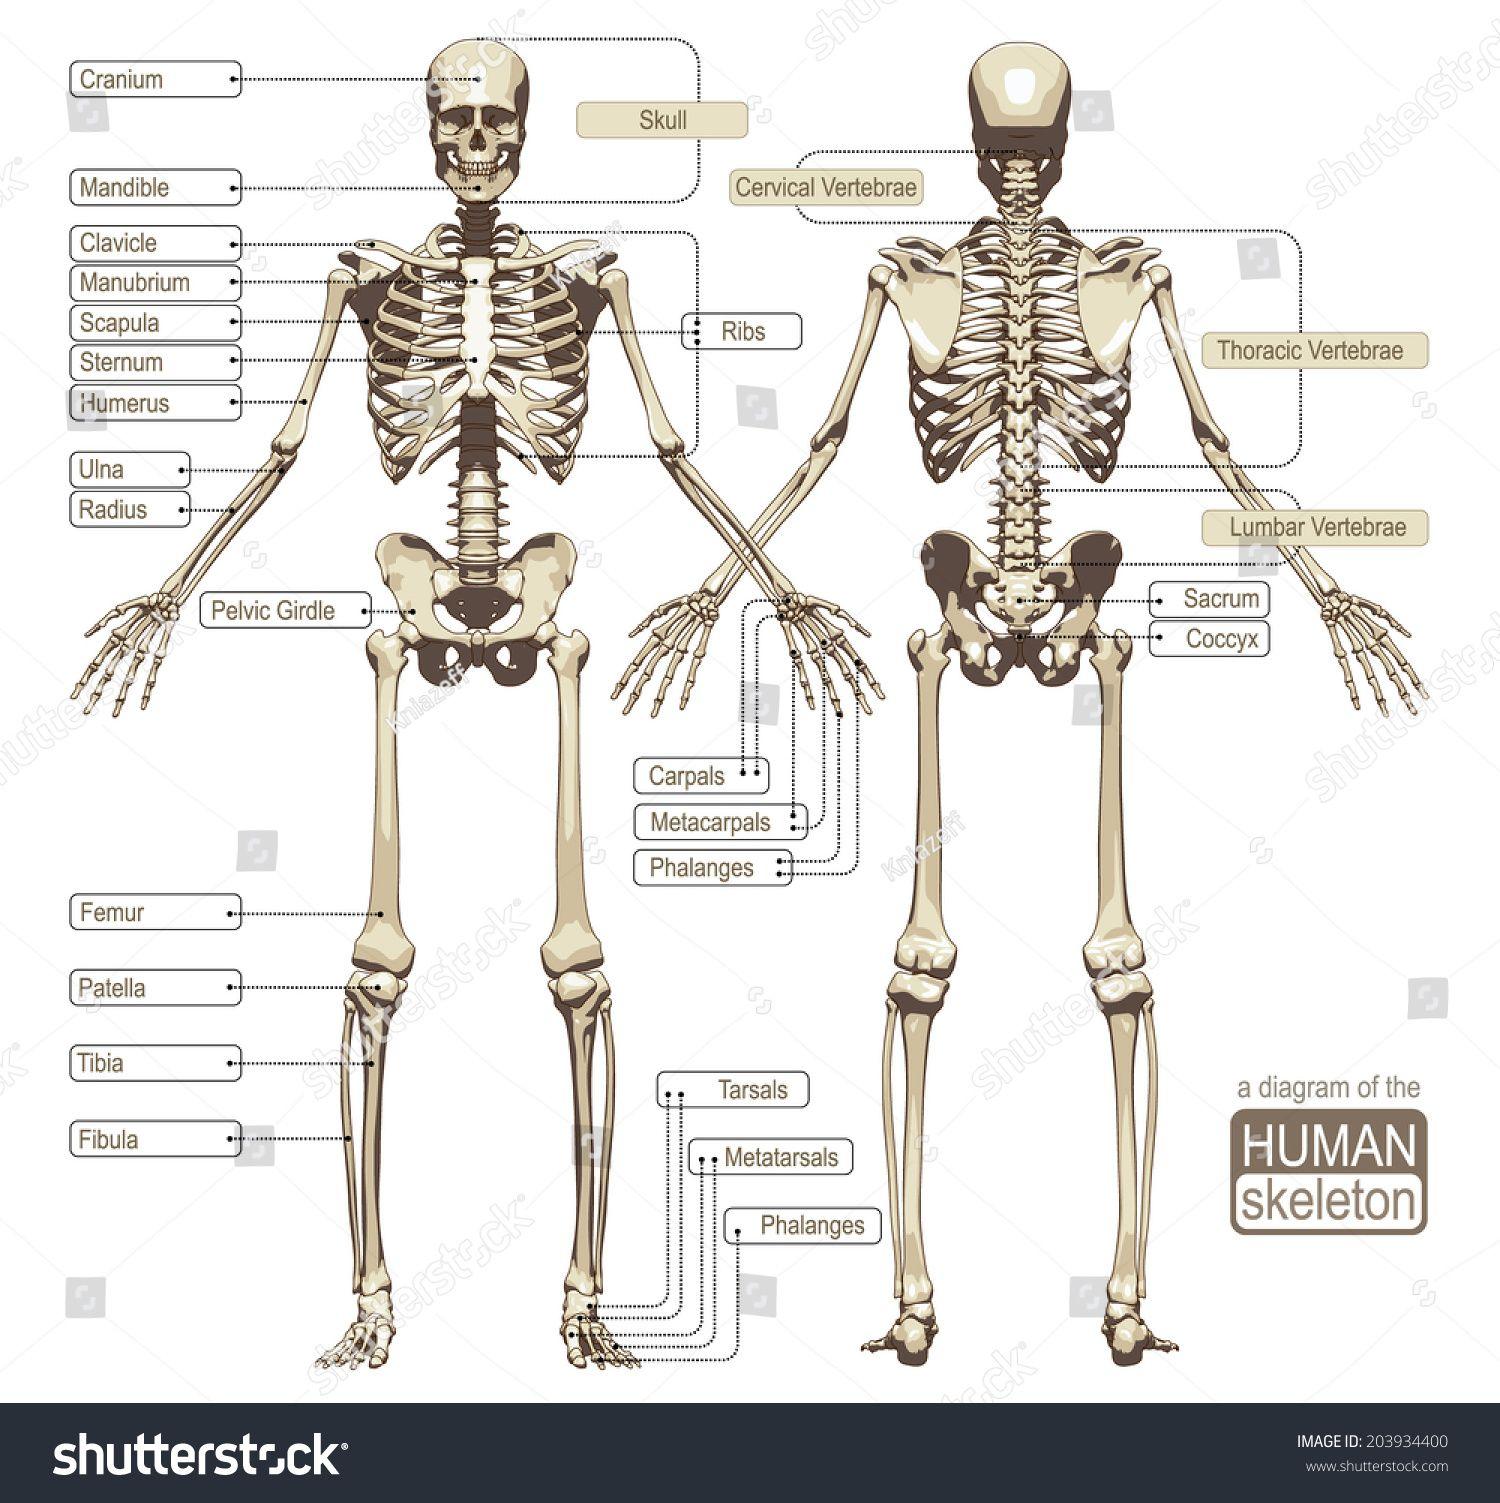 Image Result For Skeletal System Medviz Skeletal System Pinterest